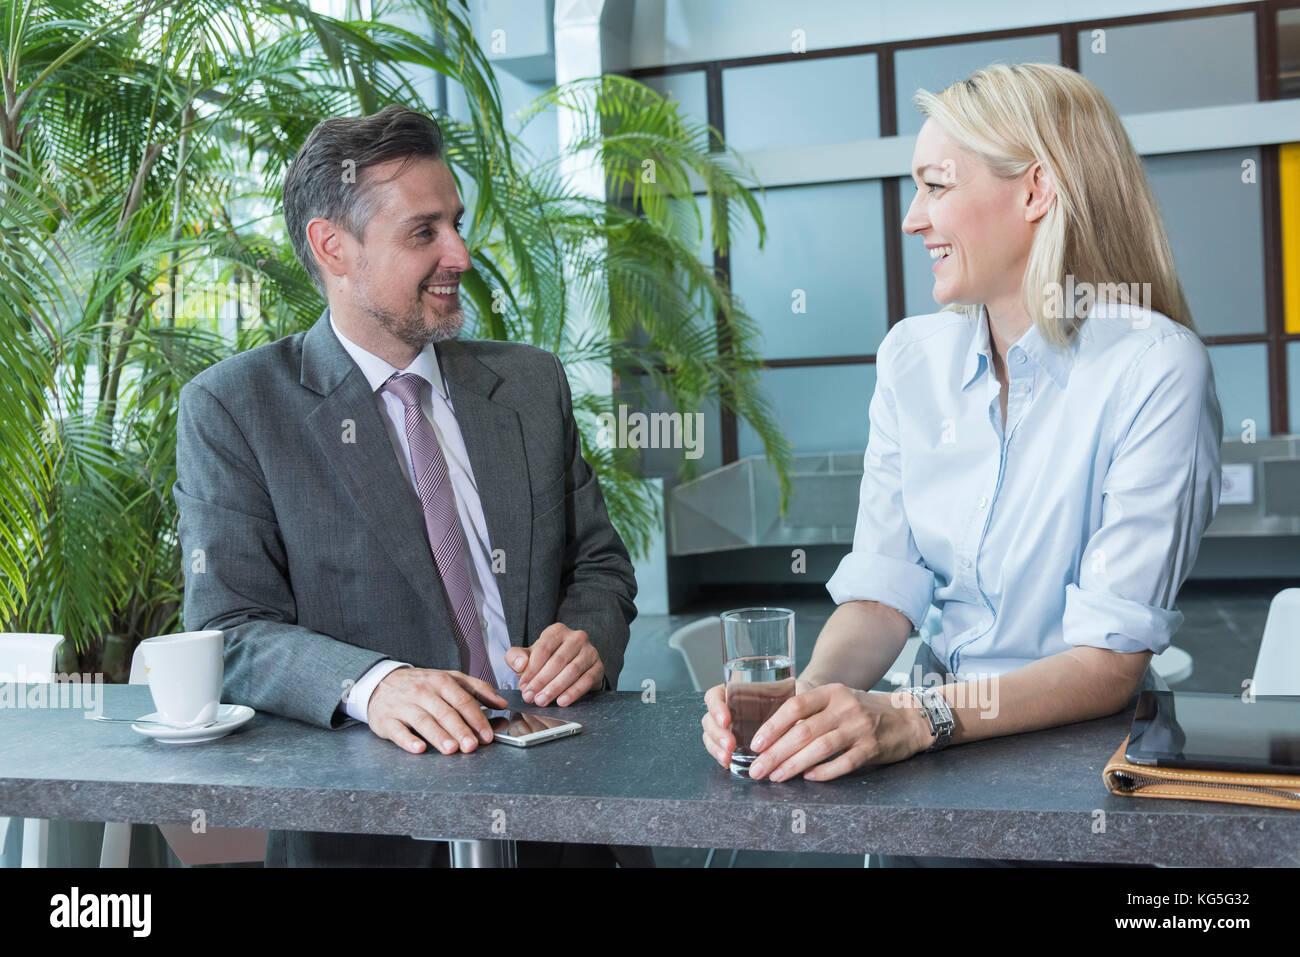 Les gens d'affaires, l'homme et la femme dans la conversation, rire, flirt Photo Stock